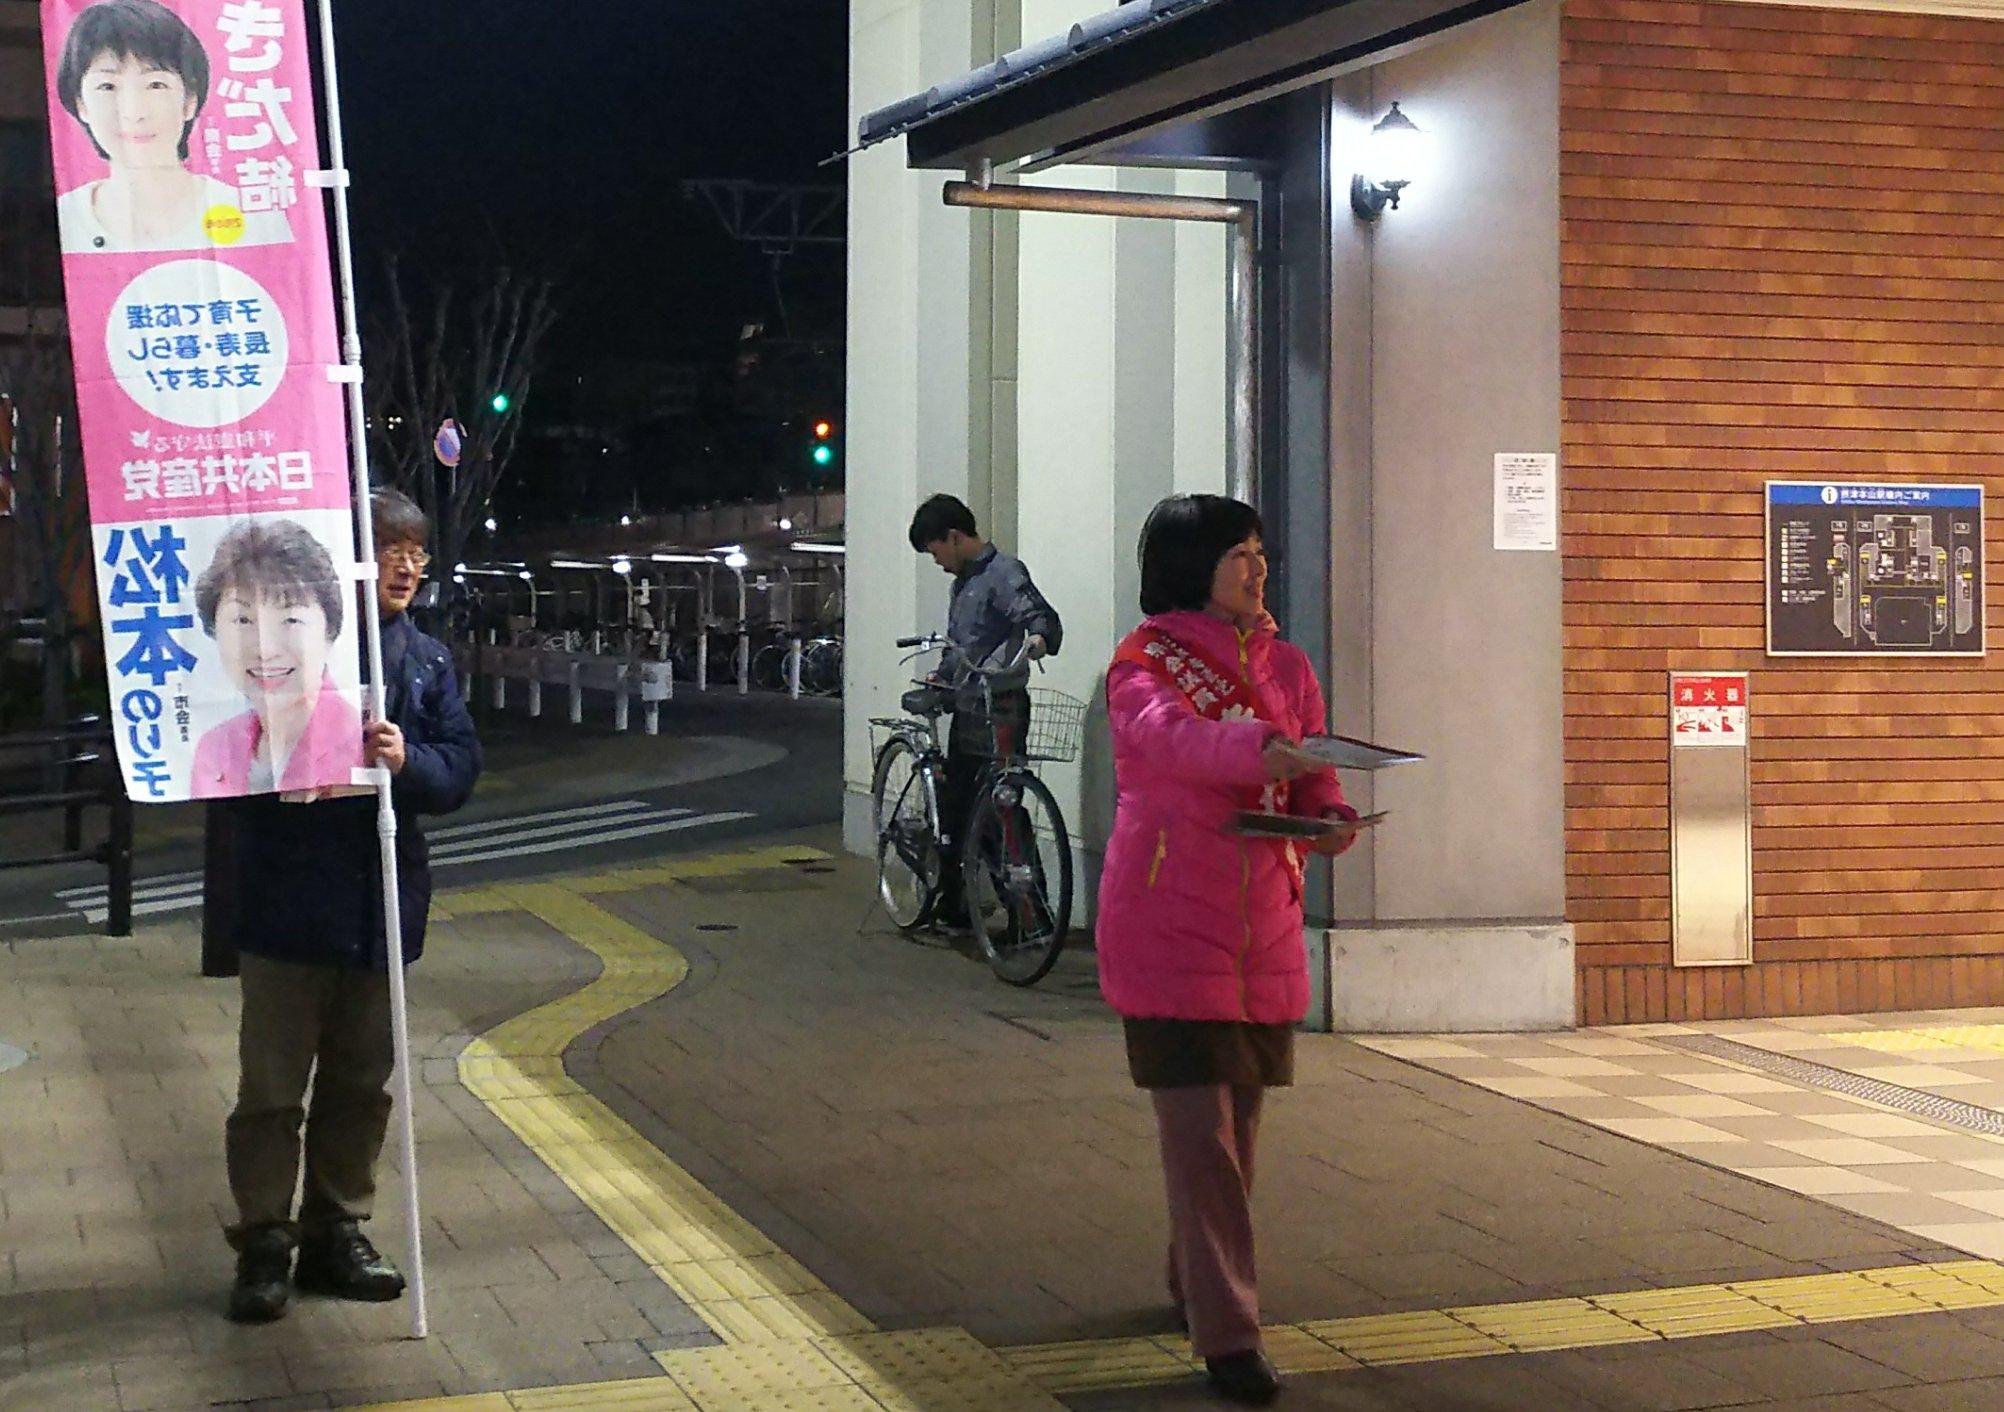 0220お帰りなさい宣伝本山駅前